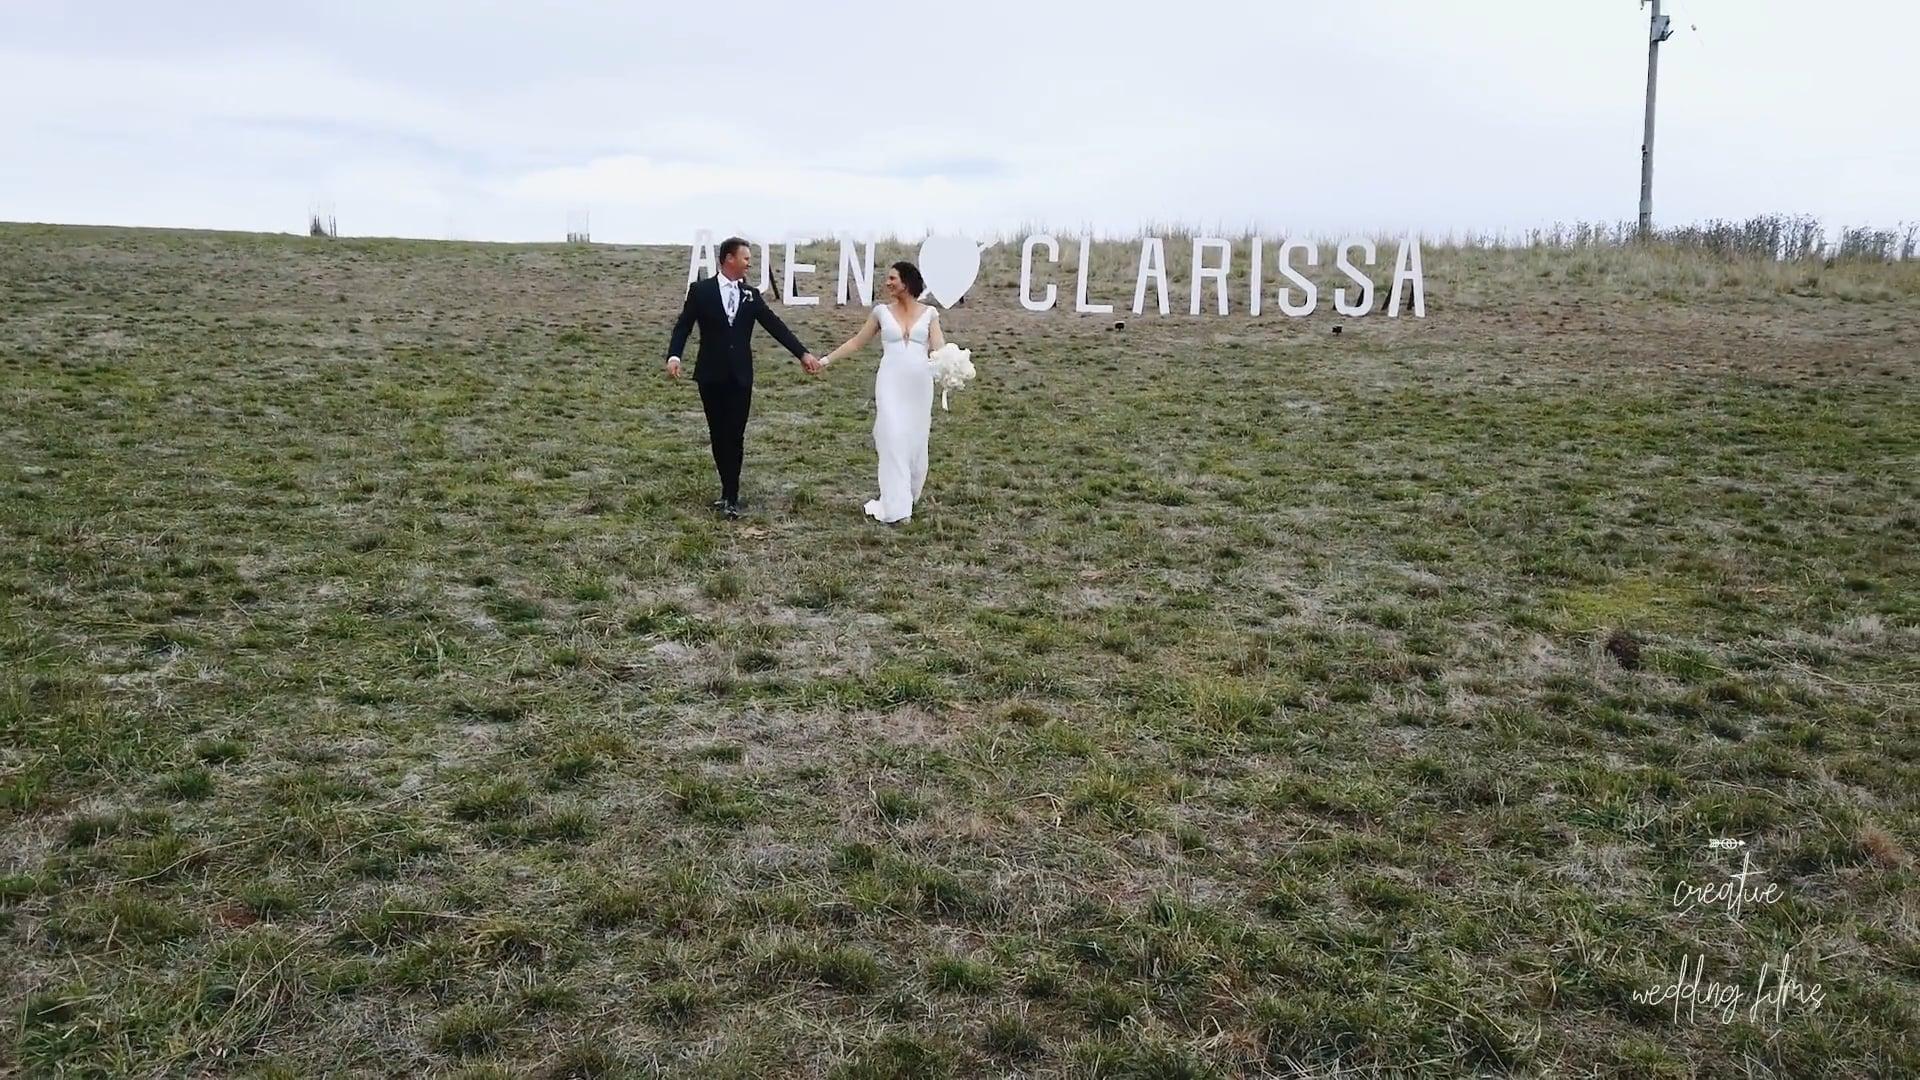 Aden & Clarissa Wedding Highlights Film